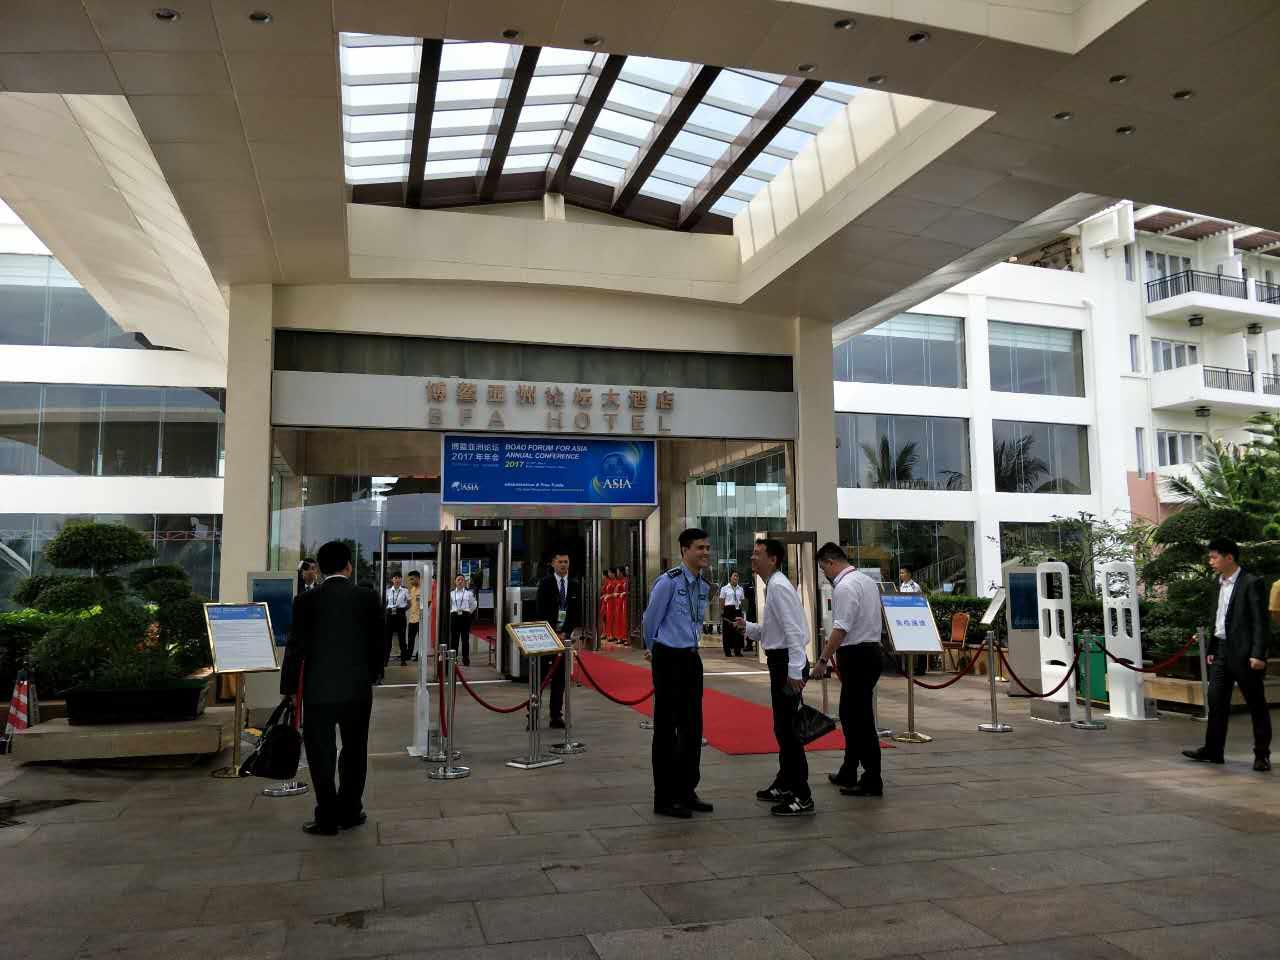 博鳌2017:博鳌亚洲论坛2017年会今日启幕